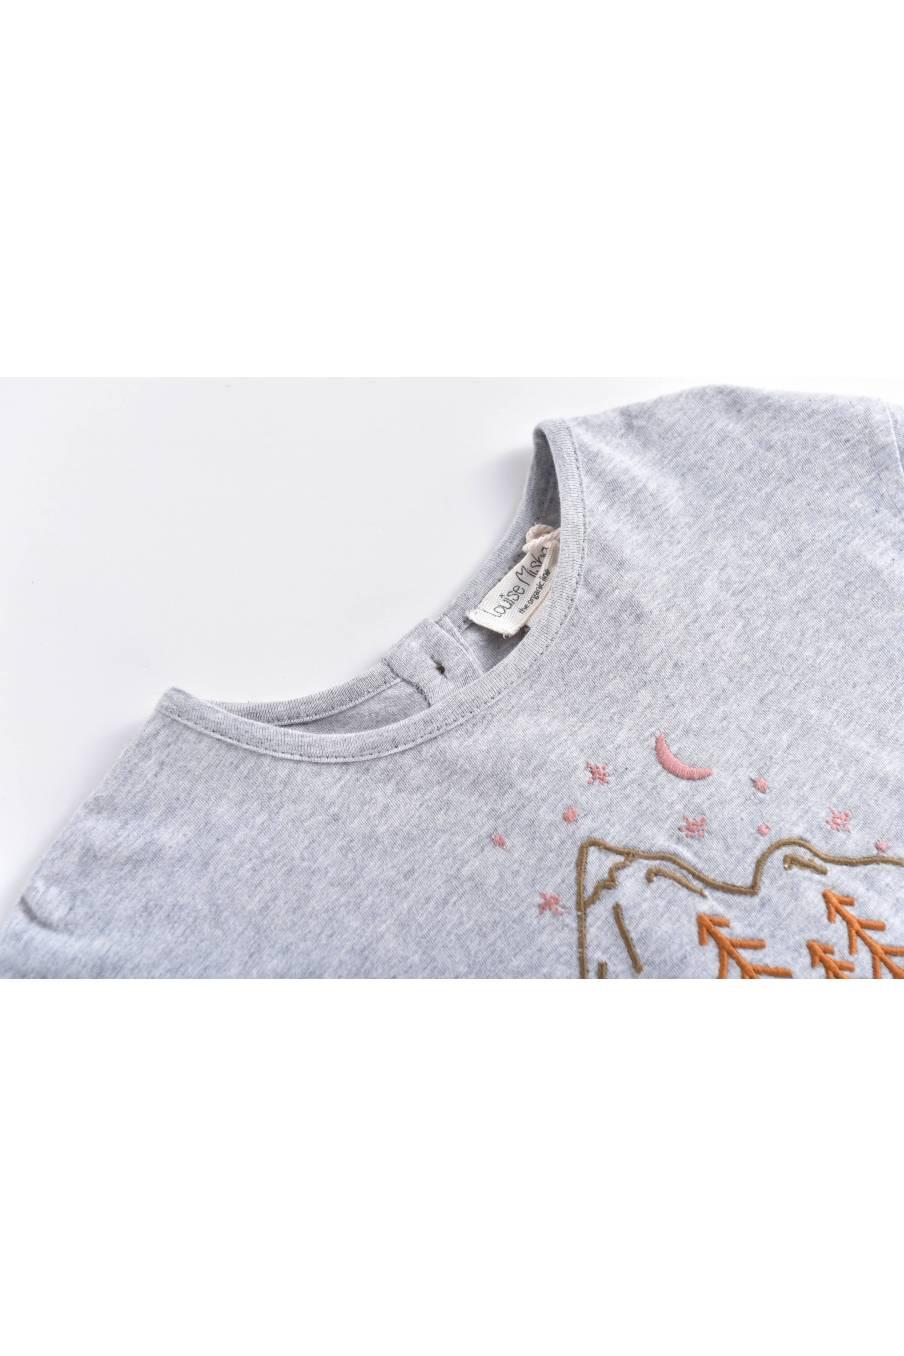 boheme chic vintage t-shirt bébé garcon abi gris